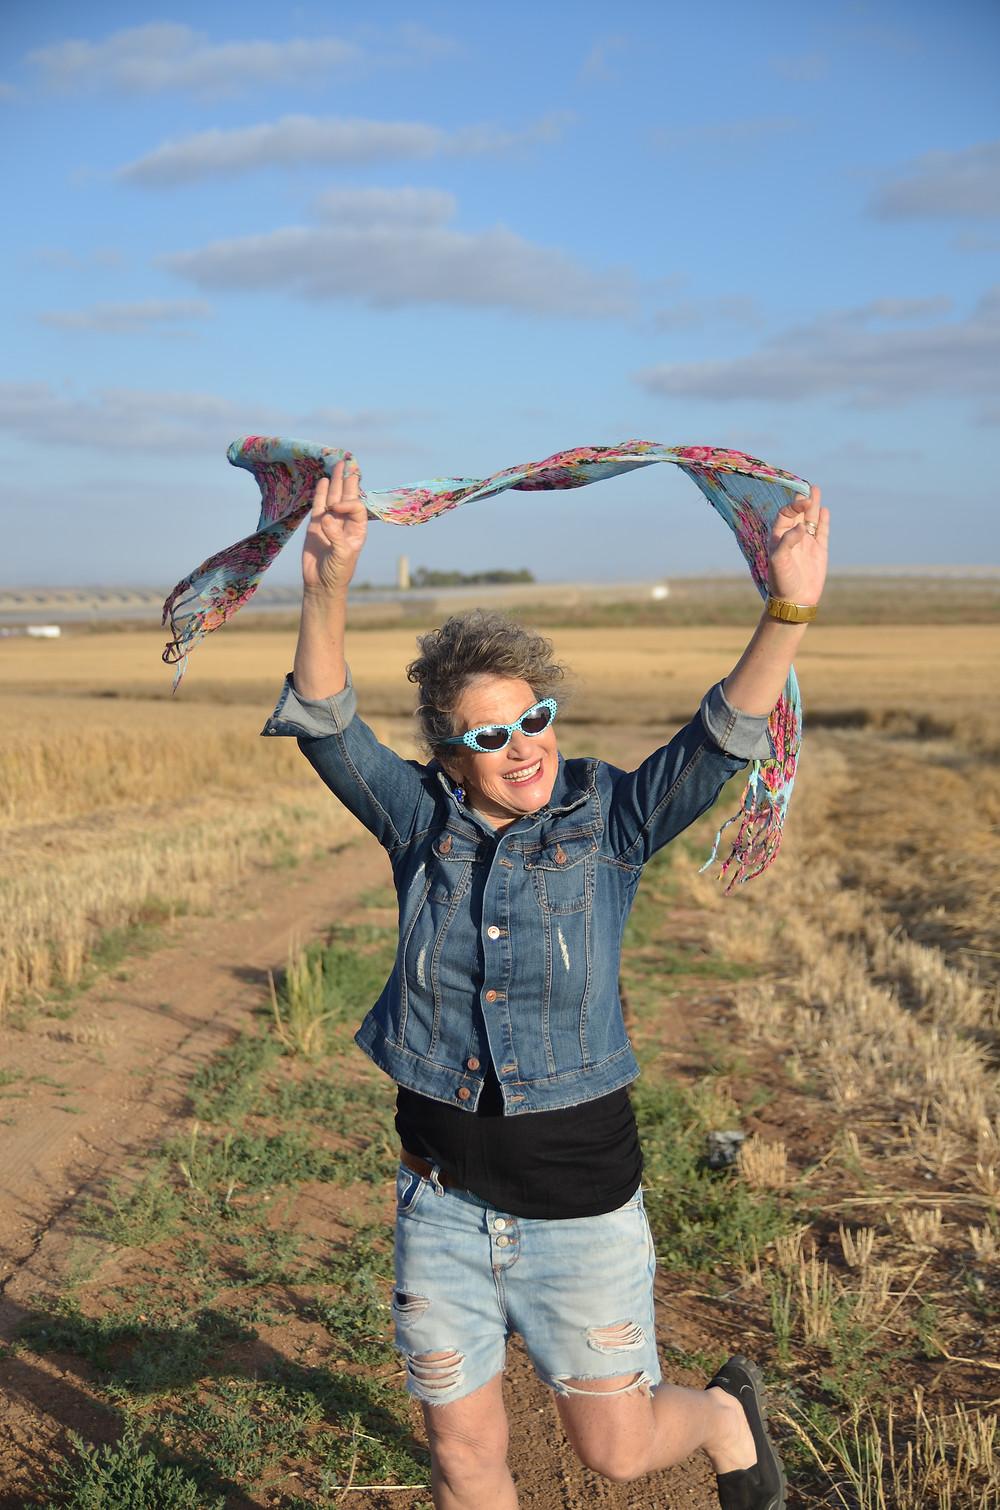 אירית רצה בשדות עם צעיף מעל הראש מורם בשתי ידיה צילום מאירה גוראי רז